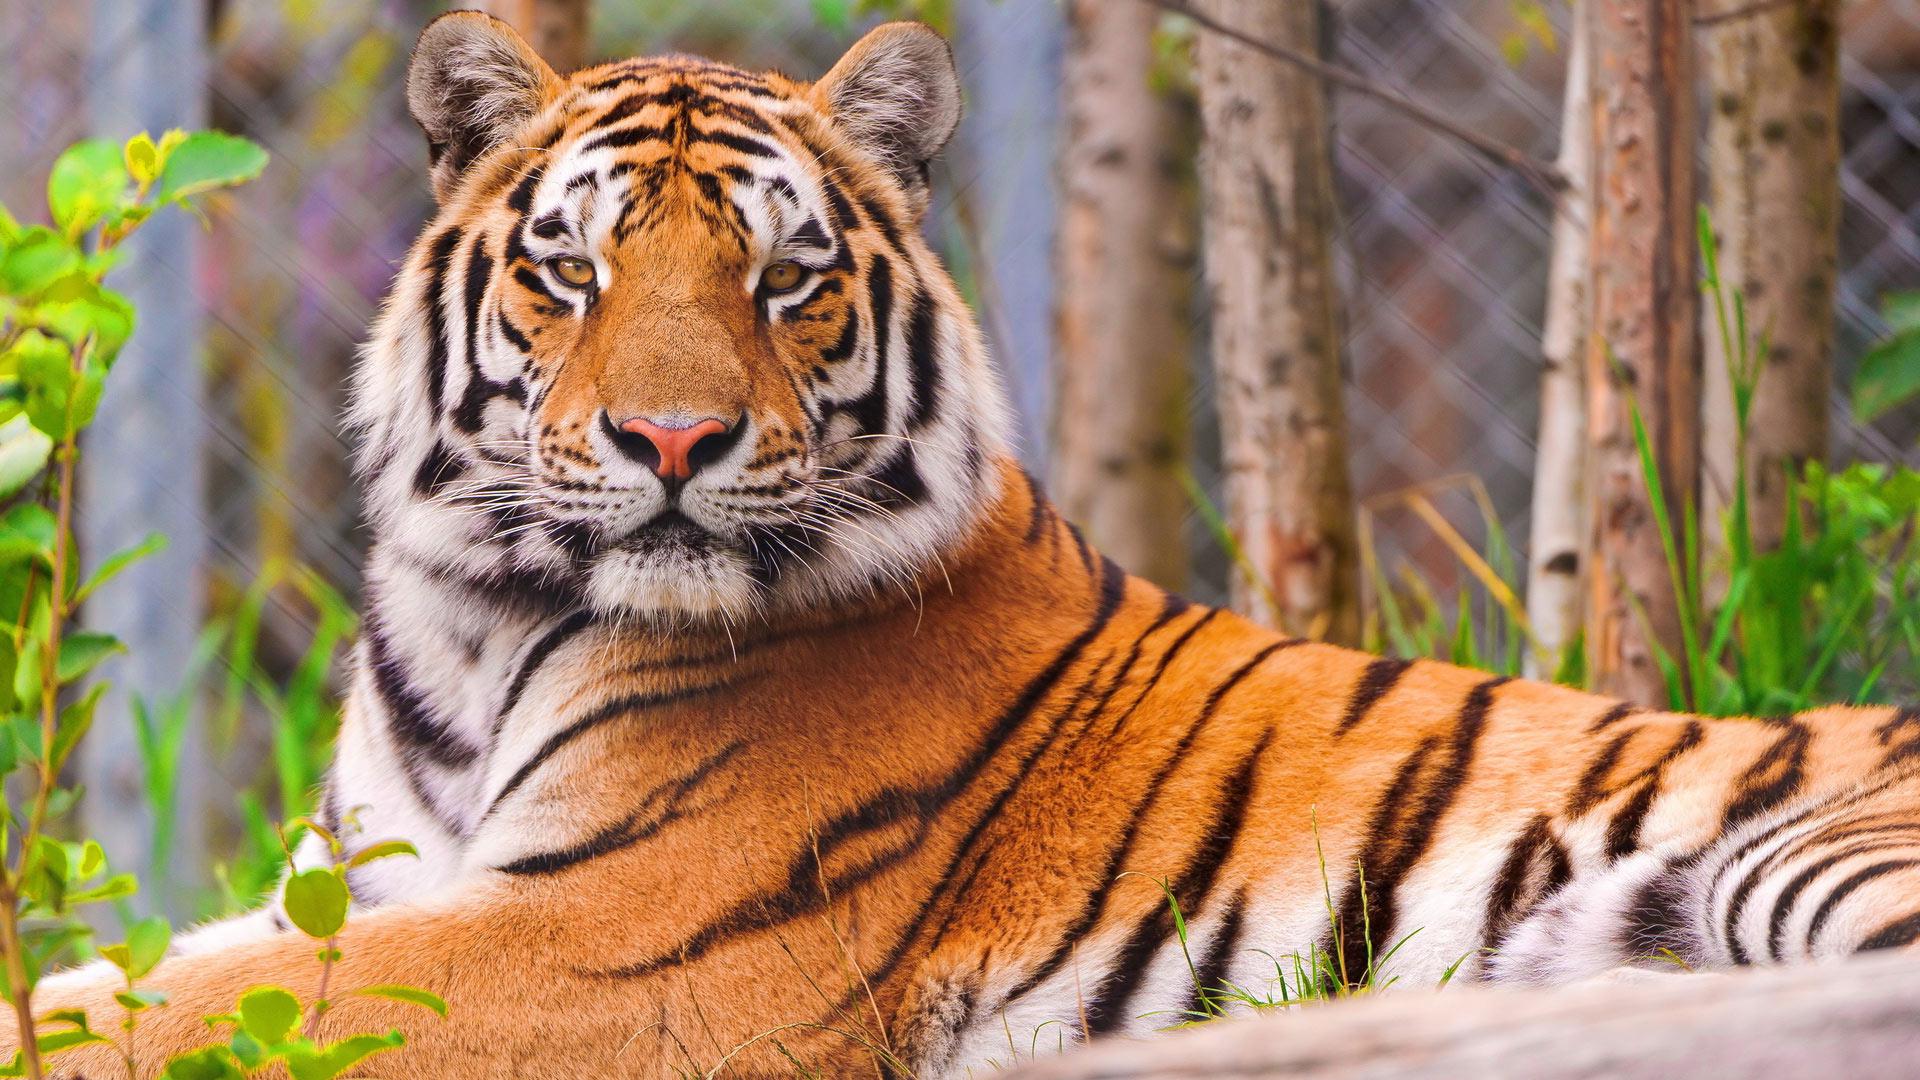 Фото тигра обои на рабочий стол